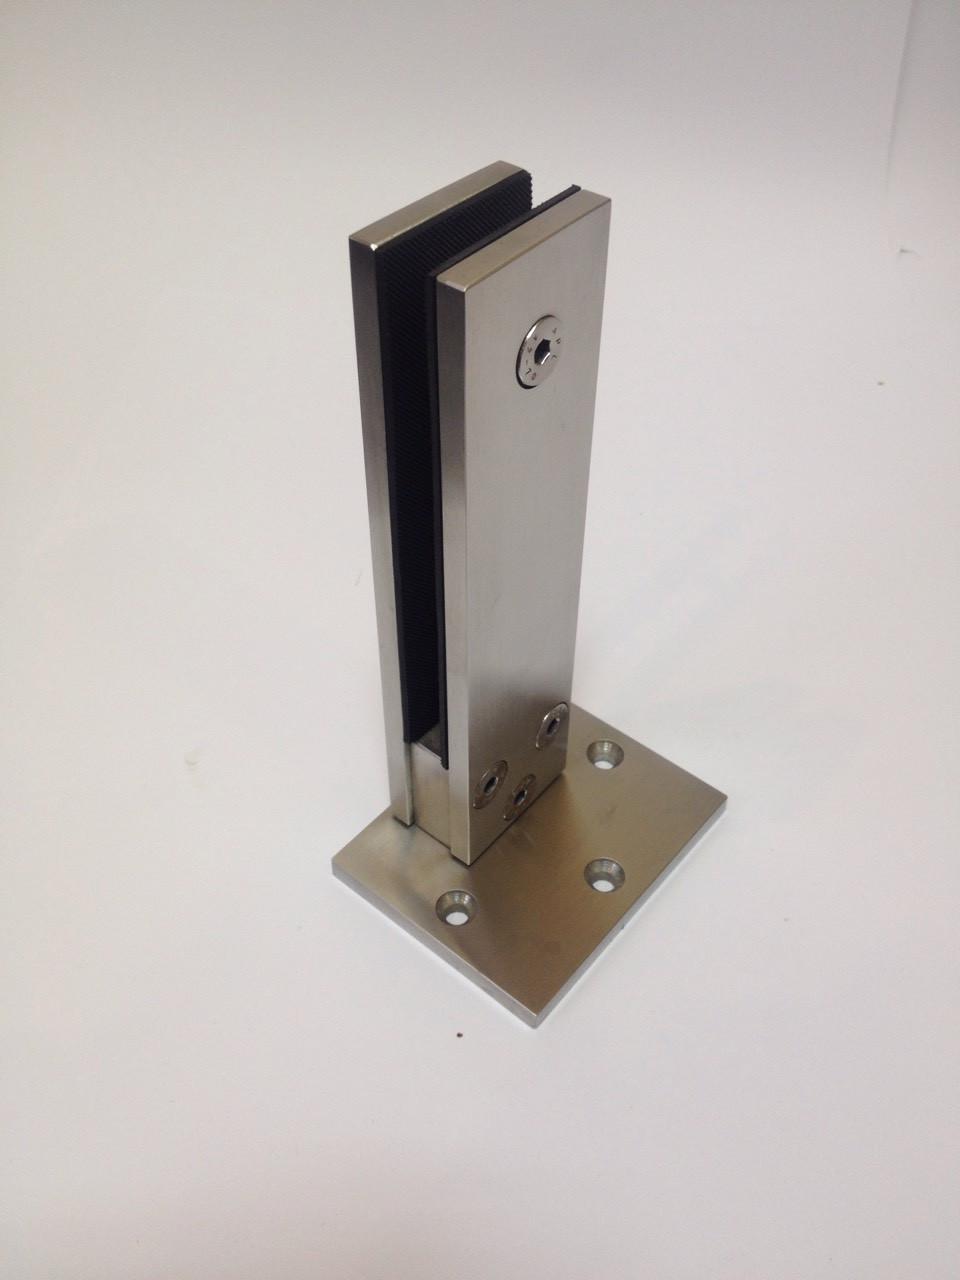 ODF-02-04-01 Стойка  высотой 200 мм со смещением